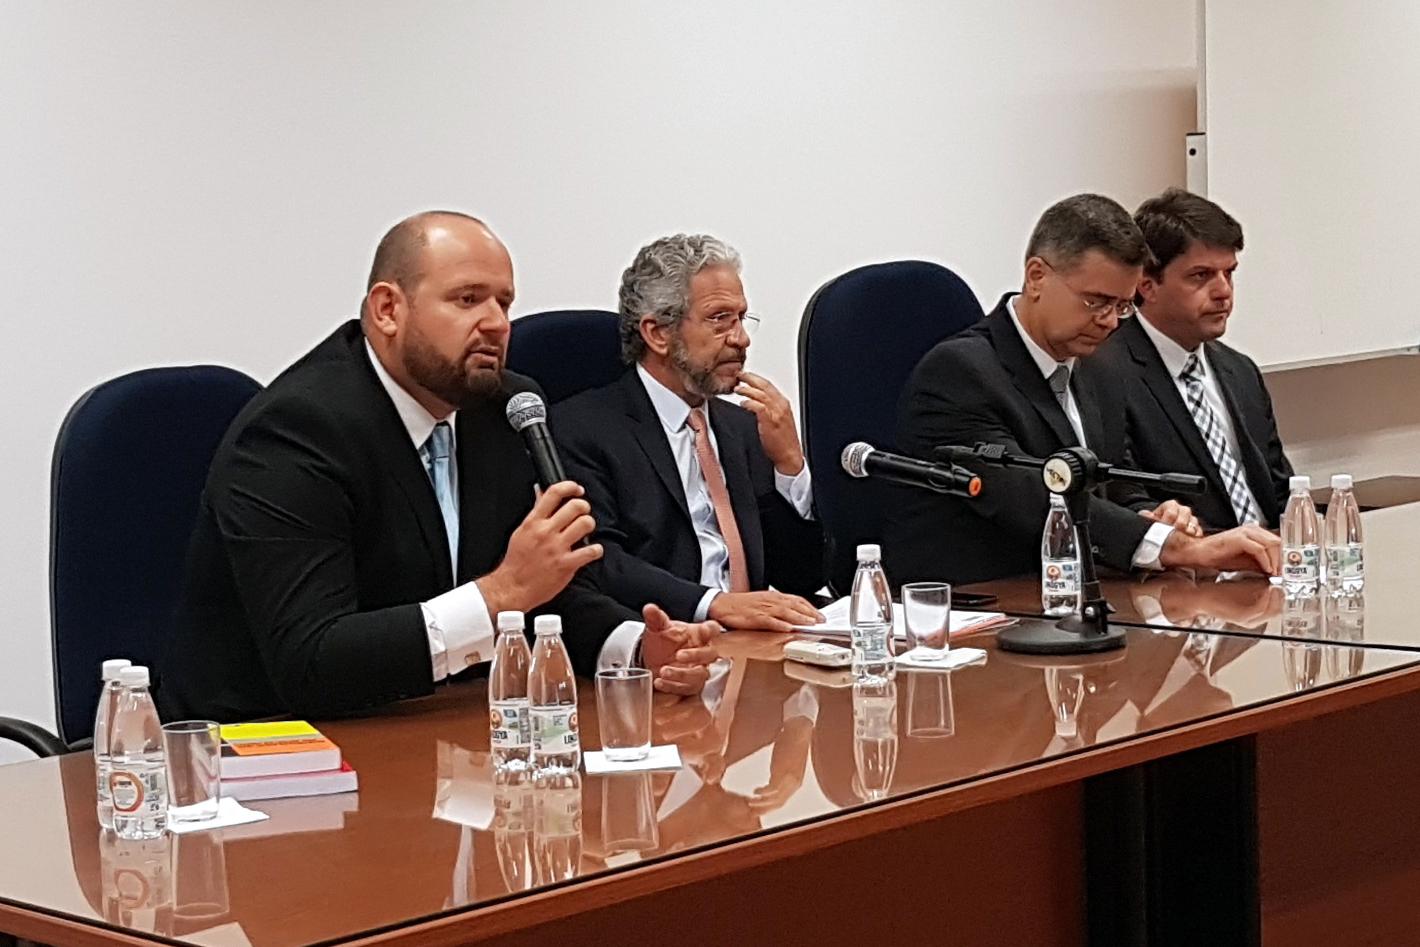 EPM inicia 1º Curso de especialização em Direito Empresarial em Sorocaba